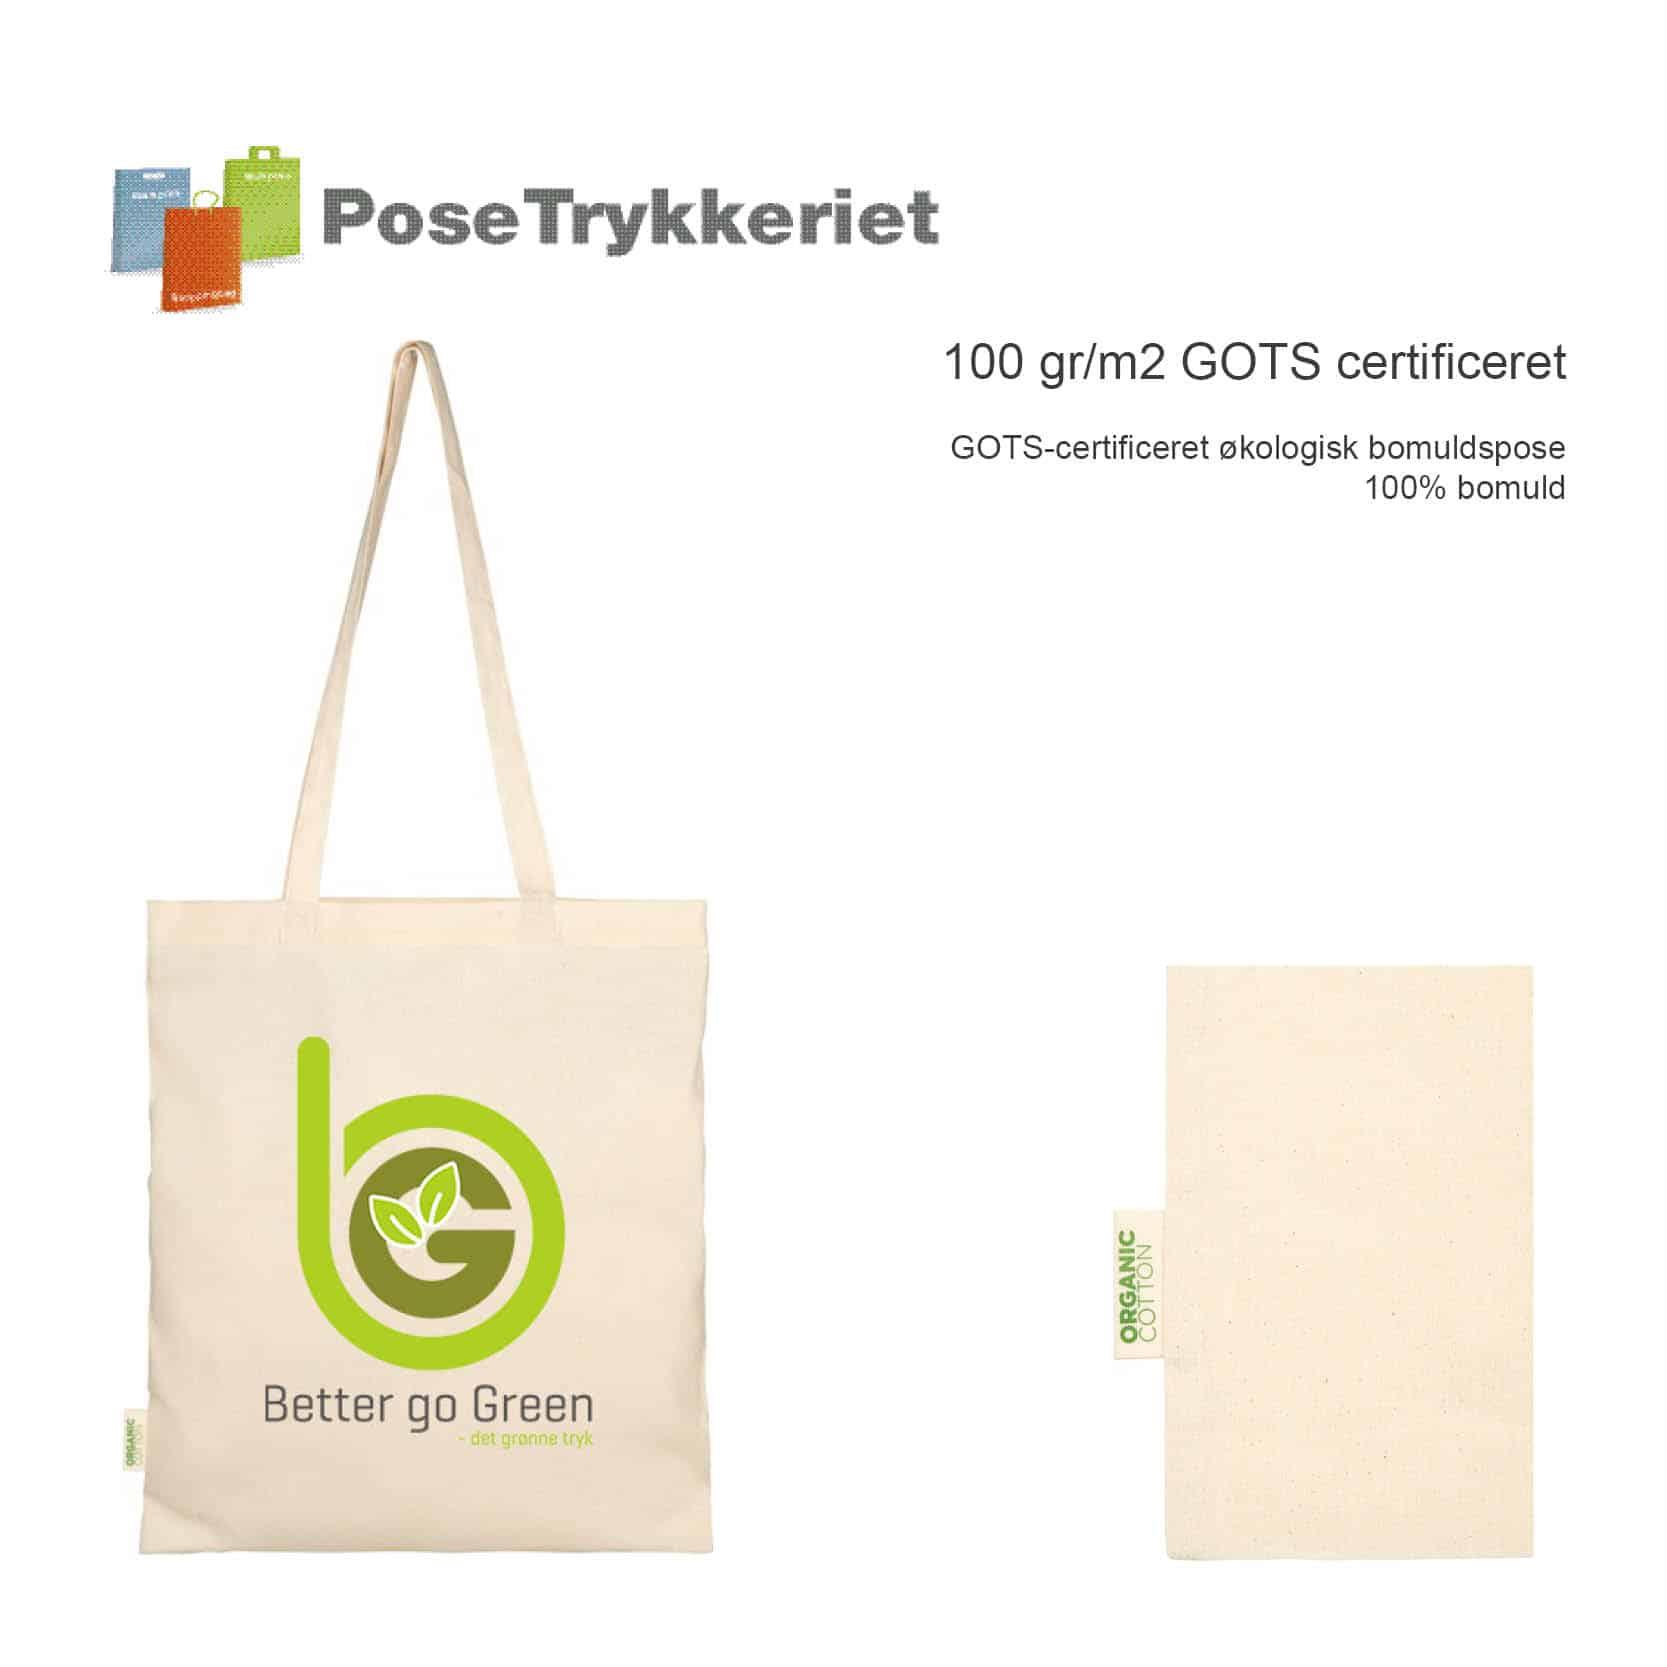 100 gr m2 GOTS certificeret pose med logotryk. Posetrykkeriet.dk